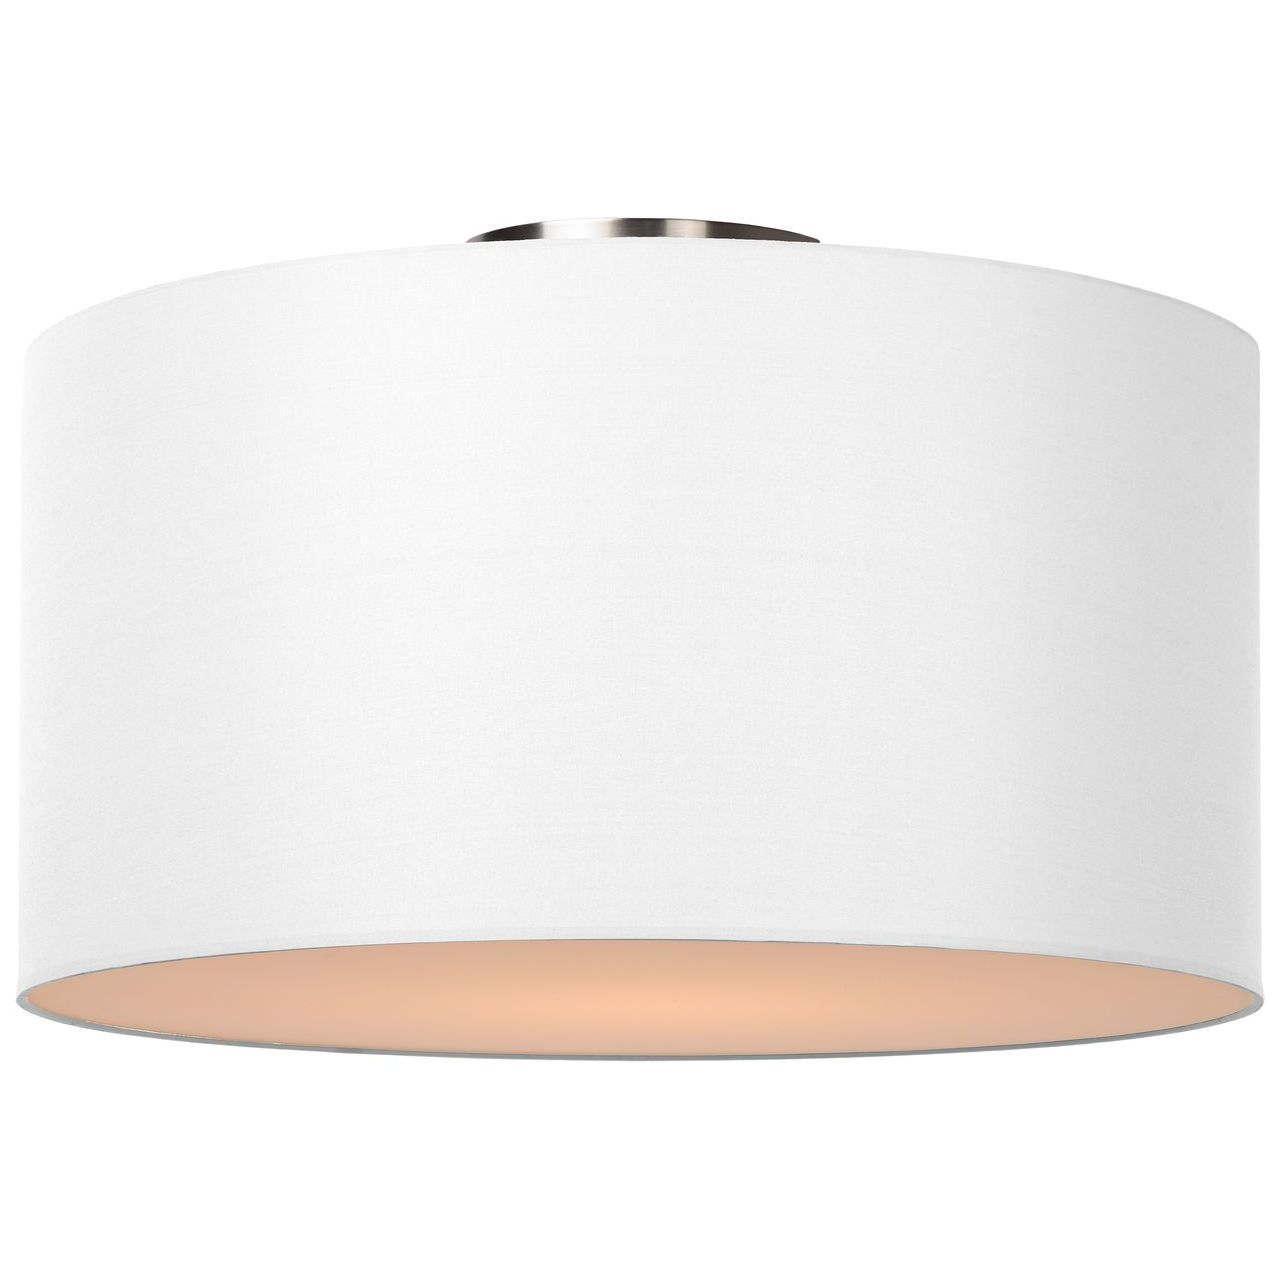 Потолочный светильник Lucide Coral 61113/45/31 редуктор walcom 61113